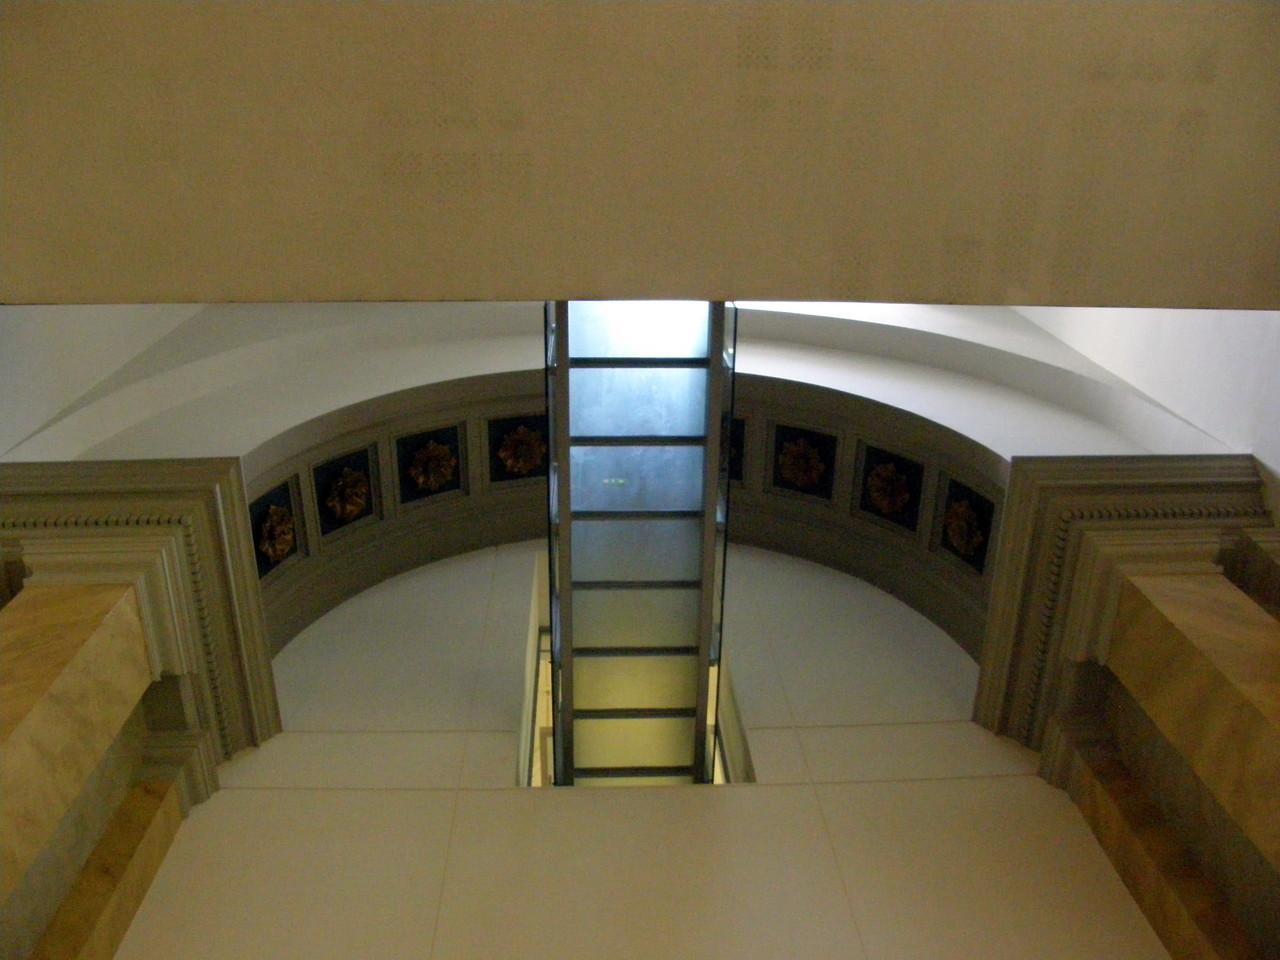 ... vorbildlich: Architektur als Lesebuch der Geschichte.